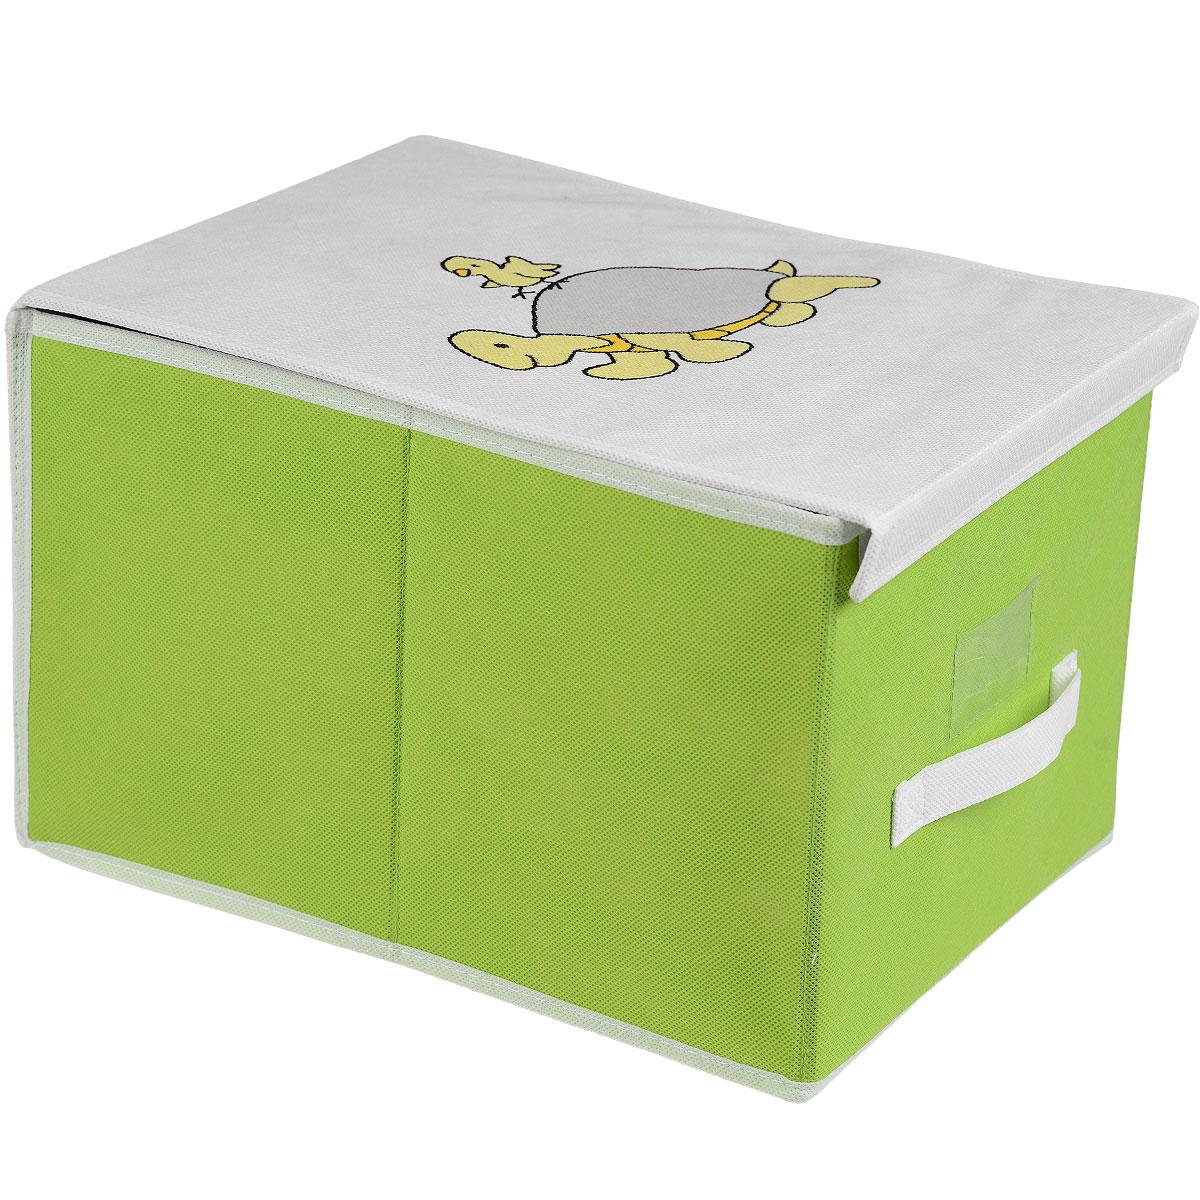 Чехол для хранения Voila Baby, цвет: салатовый, 30 х 40 х 25 см3330Чехол Voila Baby выполнен из дышащего нетканого материала (полипропилен), безопасного в использовании. Изделие предназначено для хранения вещей. Он защитит вещи от повреждений, пыли, влаги и загрязнений во время хранения и транспортировки. Чехол идеально подходит для хранения детских вещей и игрушек. Жесткий каркас из плотного толстого картона, обеспечивает устойчивость конструкции. Изделие оформлено красочным изображением. Закрывается на липучки.